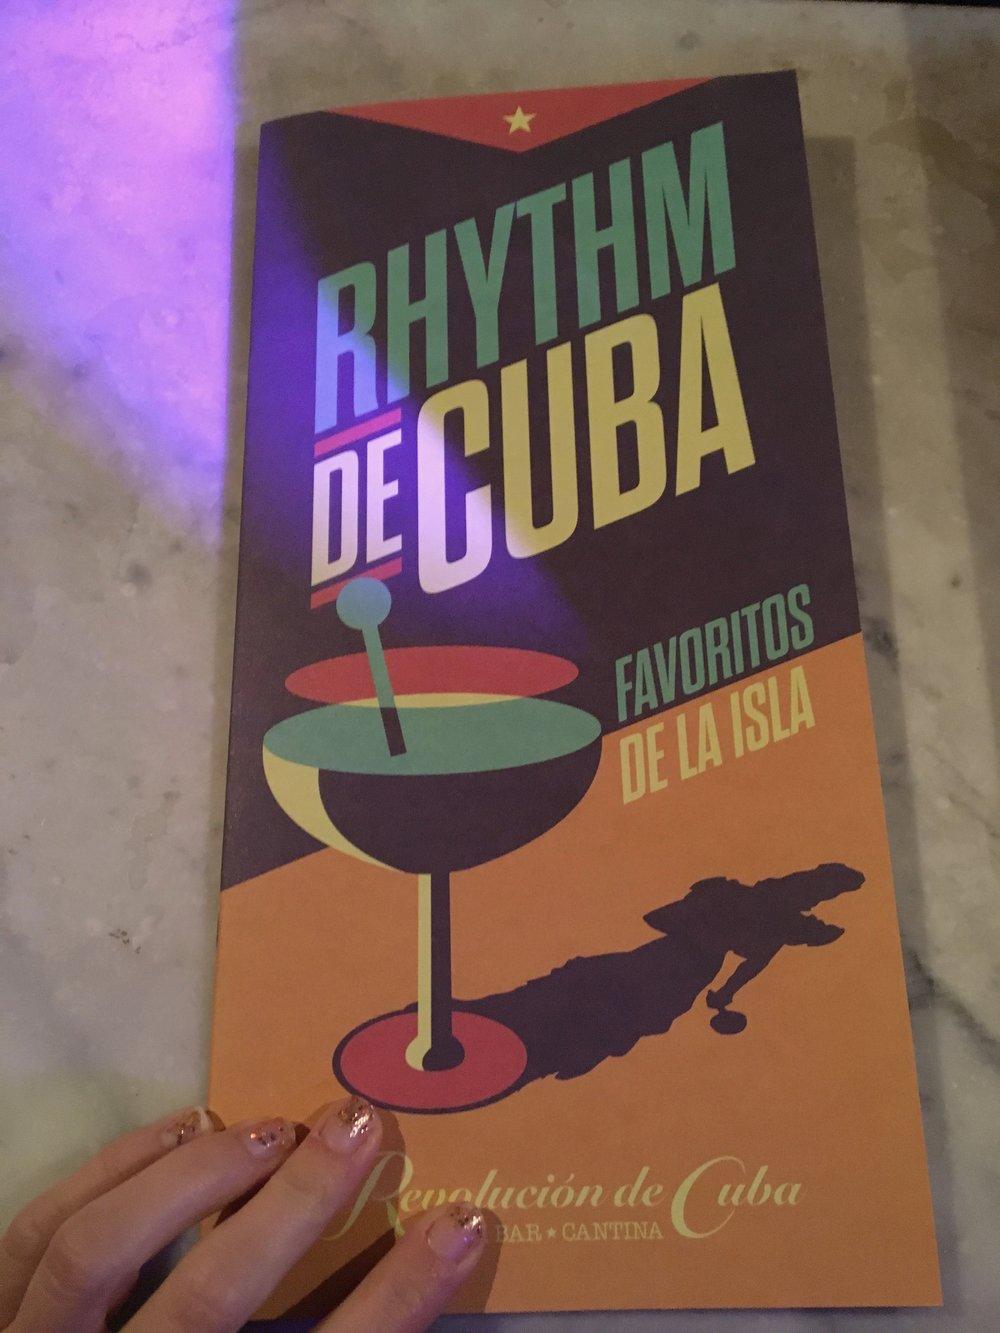 Drink Menu at Revolution De Cuba   jumpseatjenny